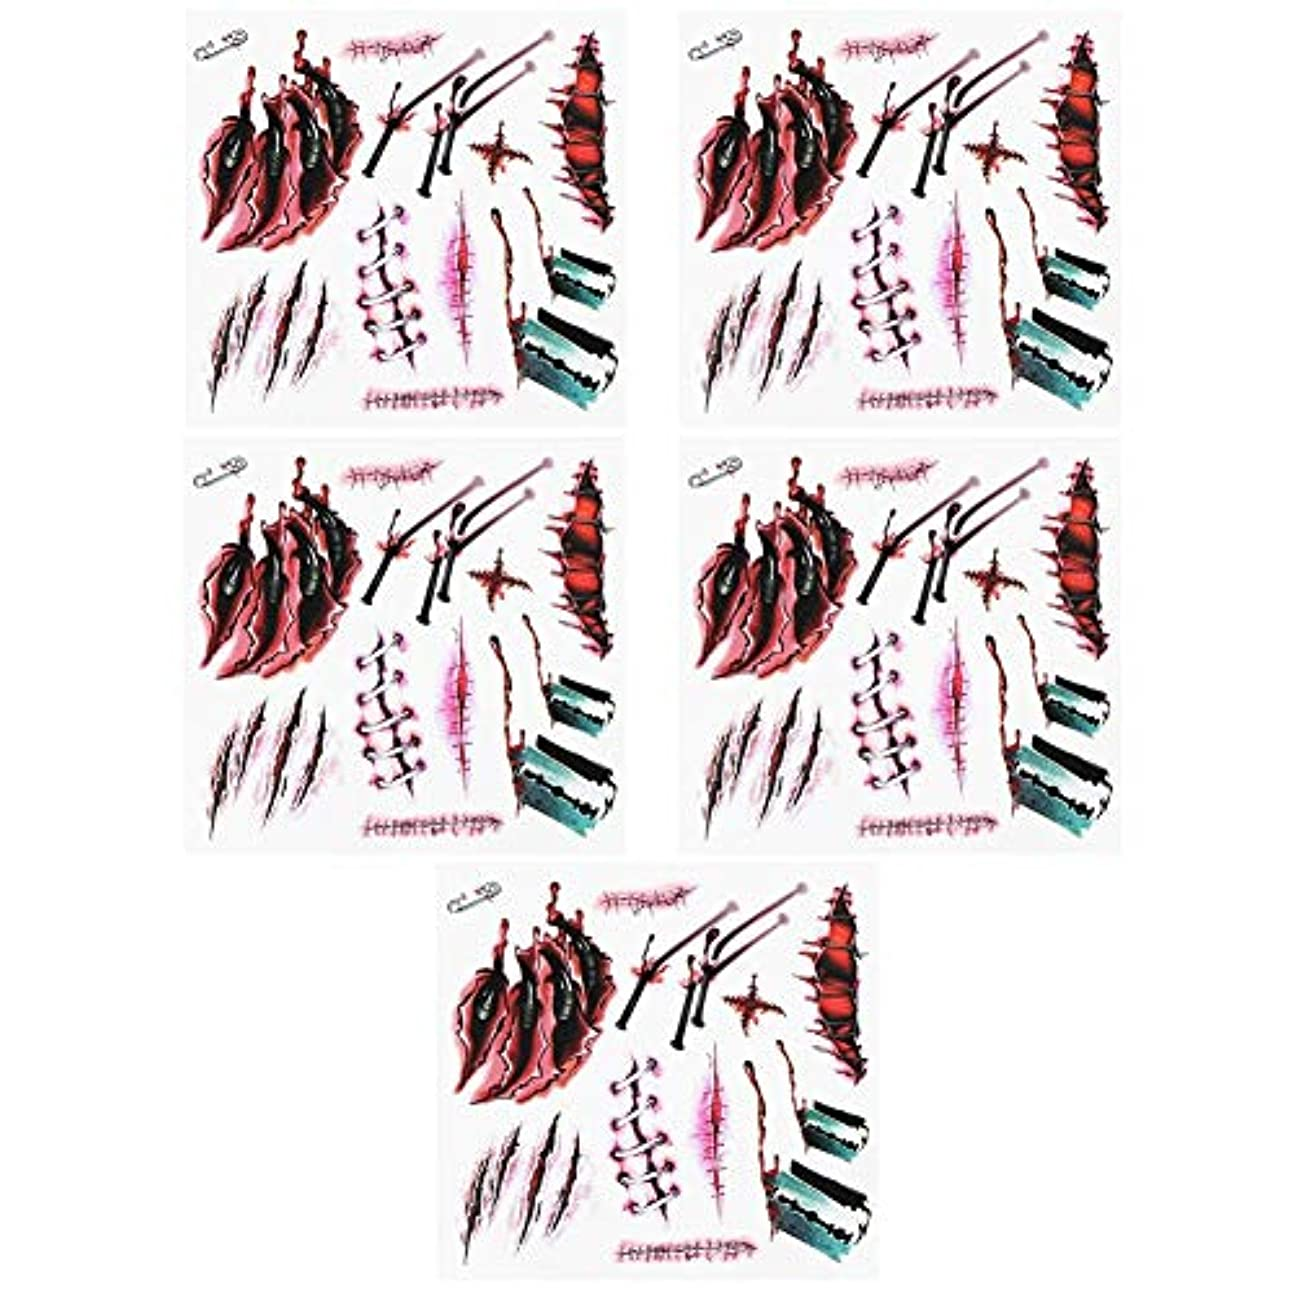 記念品滑りやすいコンクリート5枚入り タトゥーステッカー タトゥーシール ハロウィン貼り紙 立体3D コスチューム用小物 切り傷 噛み跡 縫合 特殊メイク PVC ハロウィン入れ墨 男女兼用 (#3)